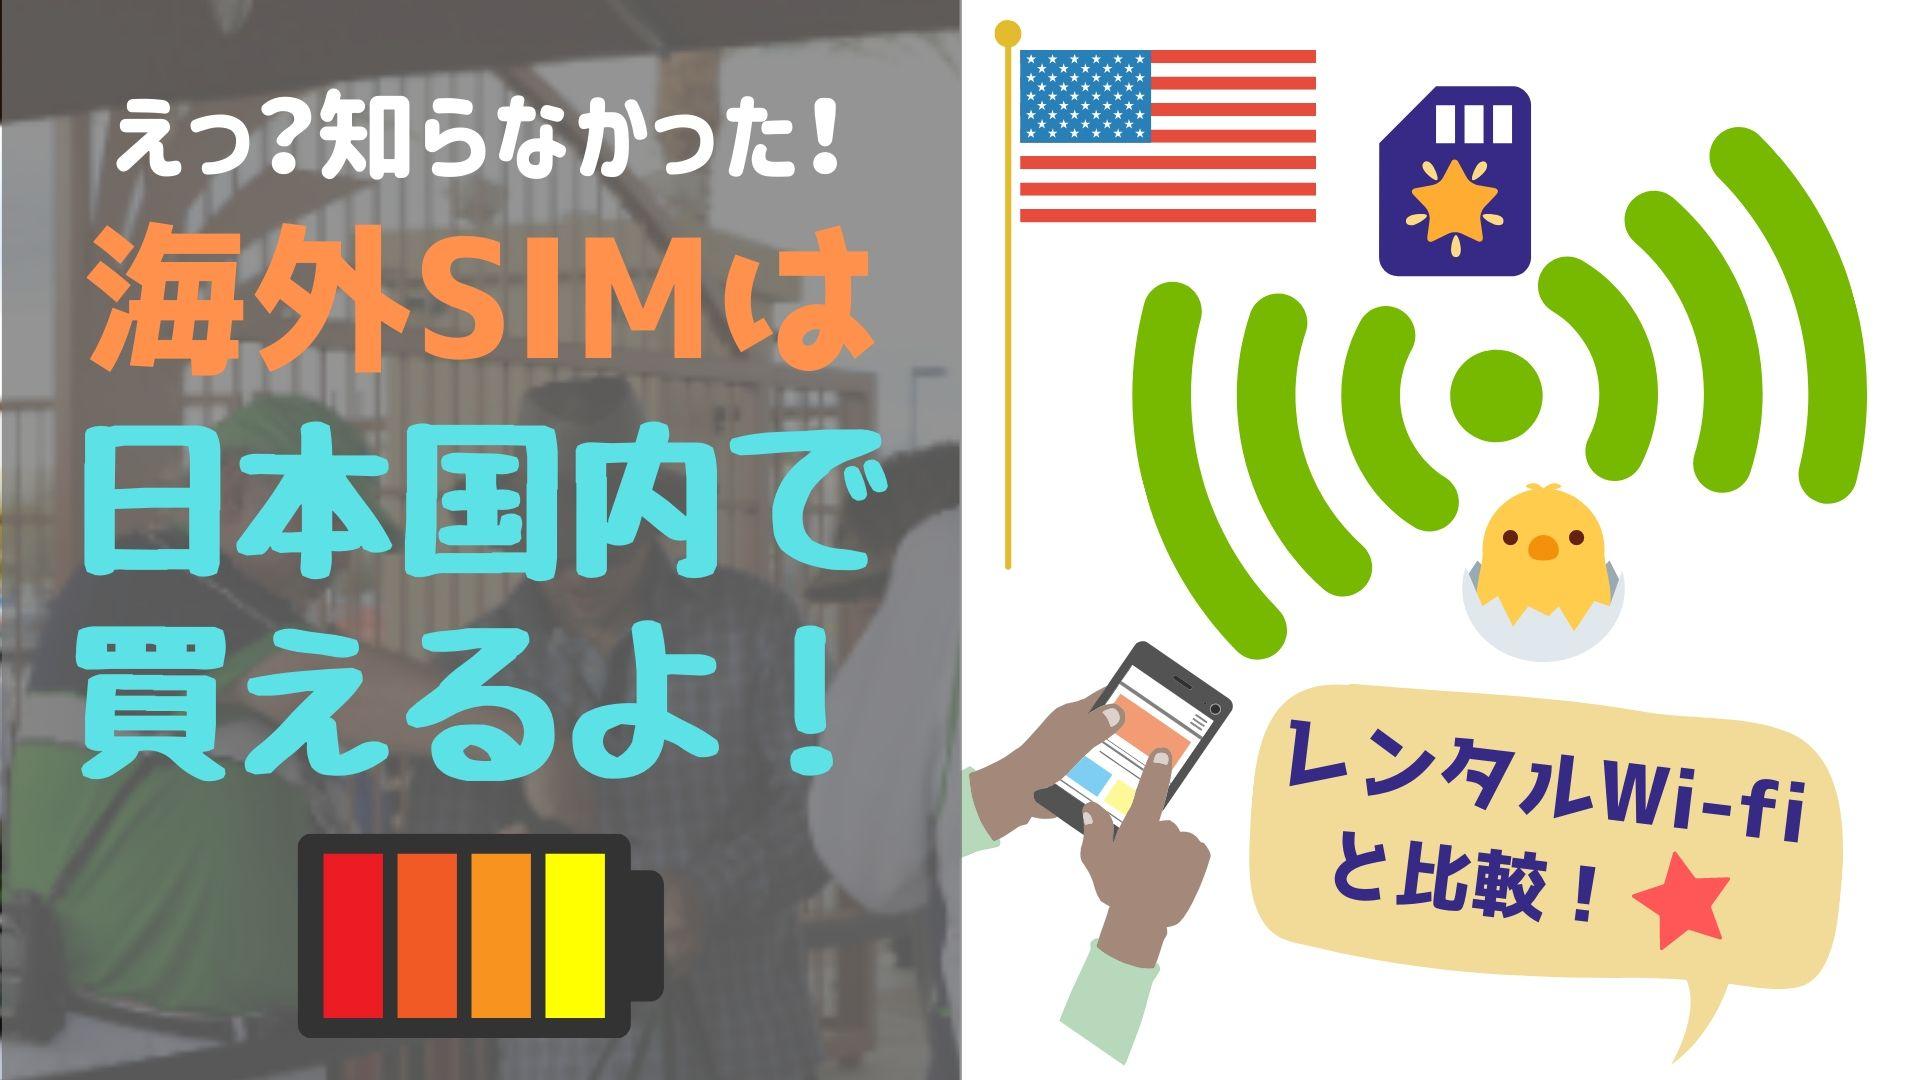 海外レンタルWi-Fi?SIMフリー?どっちがいい